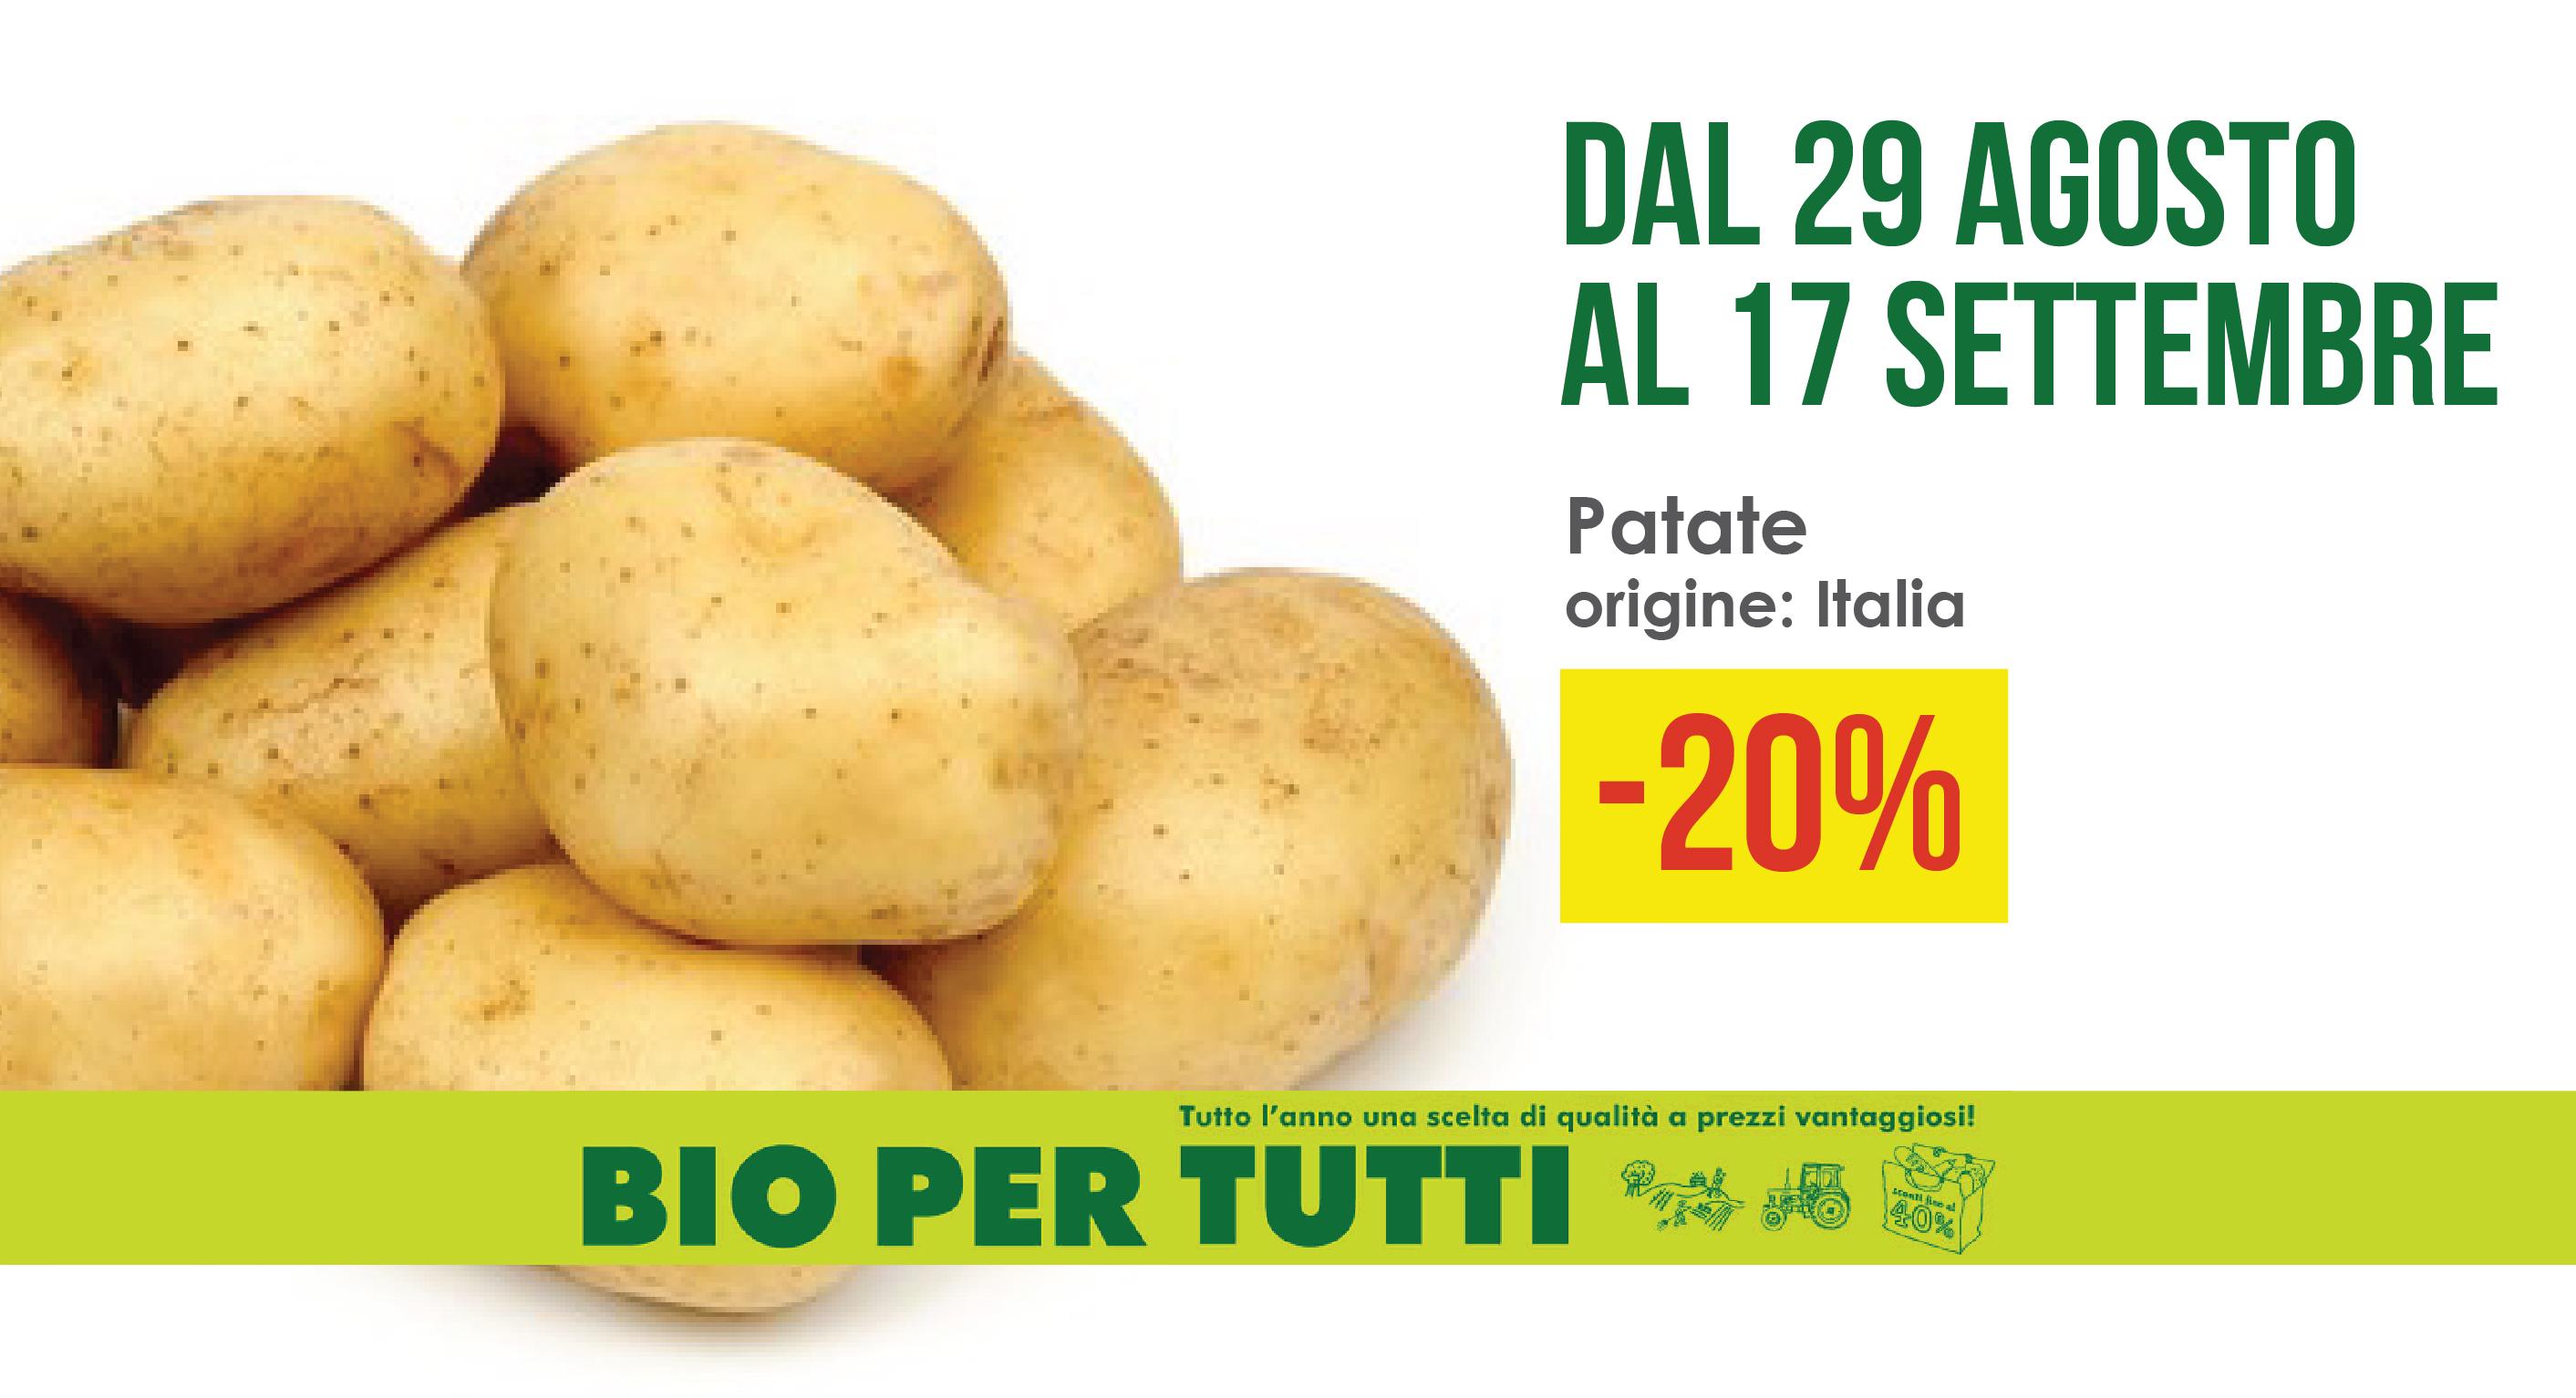 Offerte Bio Per Tutti Dal 29 Agosto Al 17 Settembre: Patate